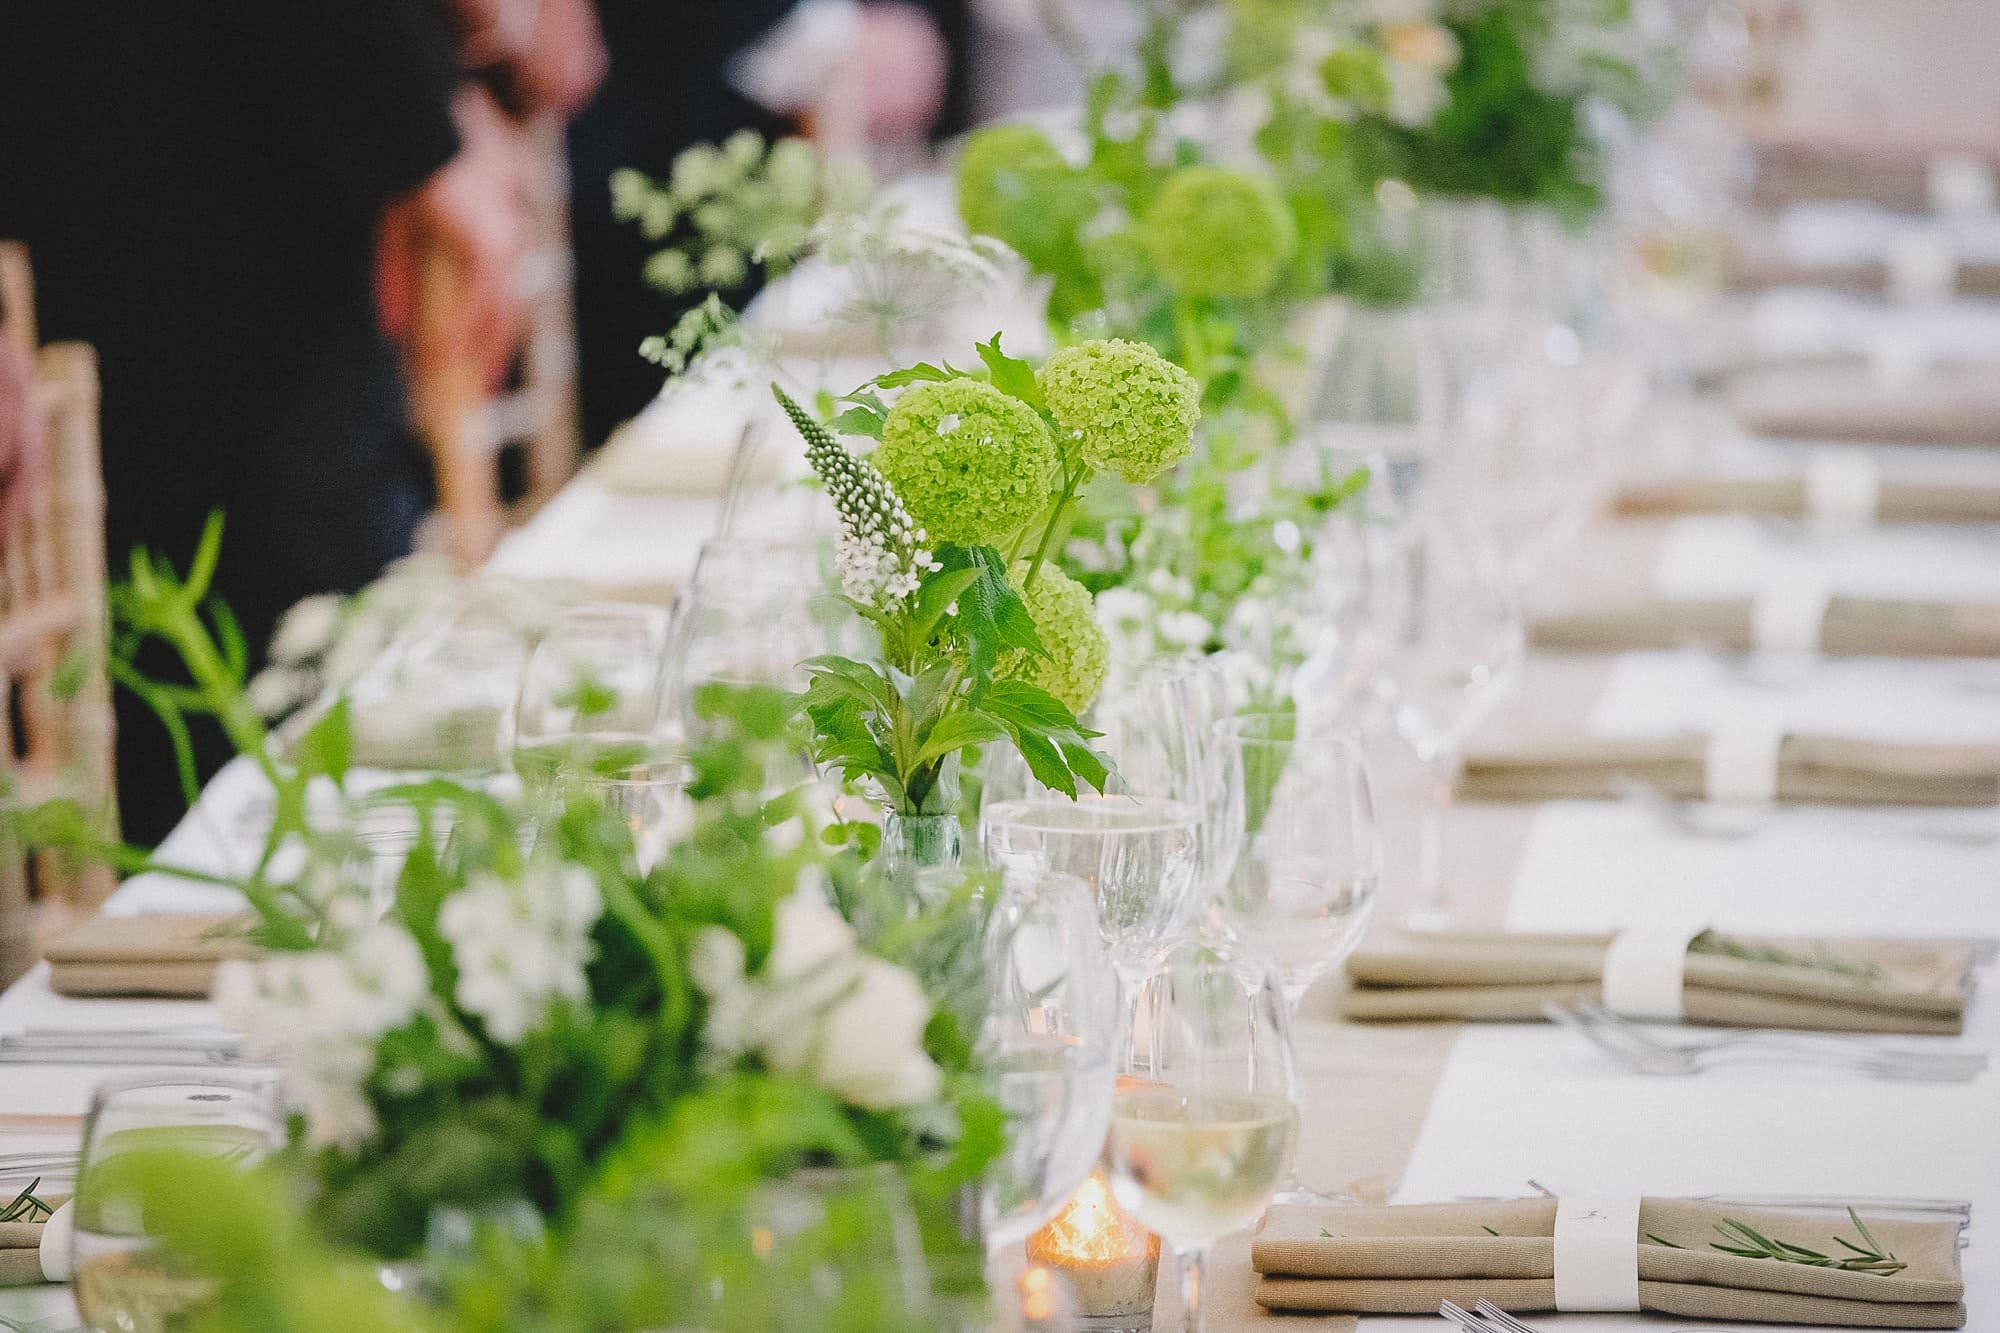 fulham palace wedding photographer 061 - Rosanna & Duncan's Fulham Palace Wedding